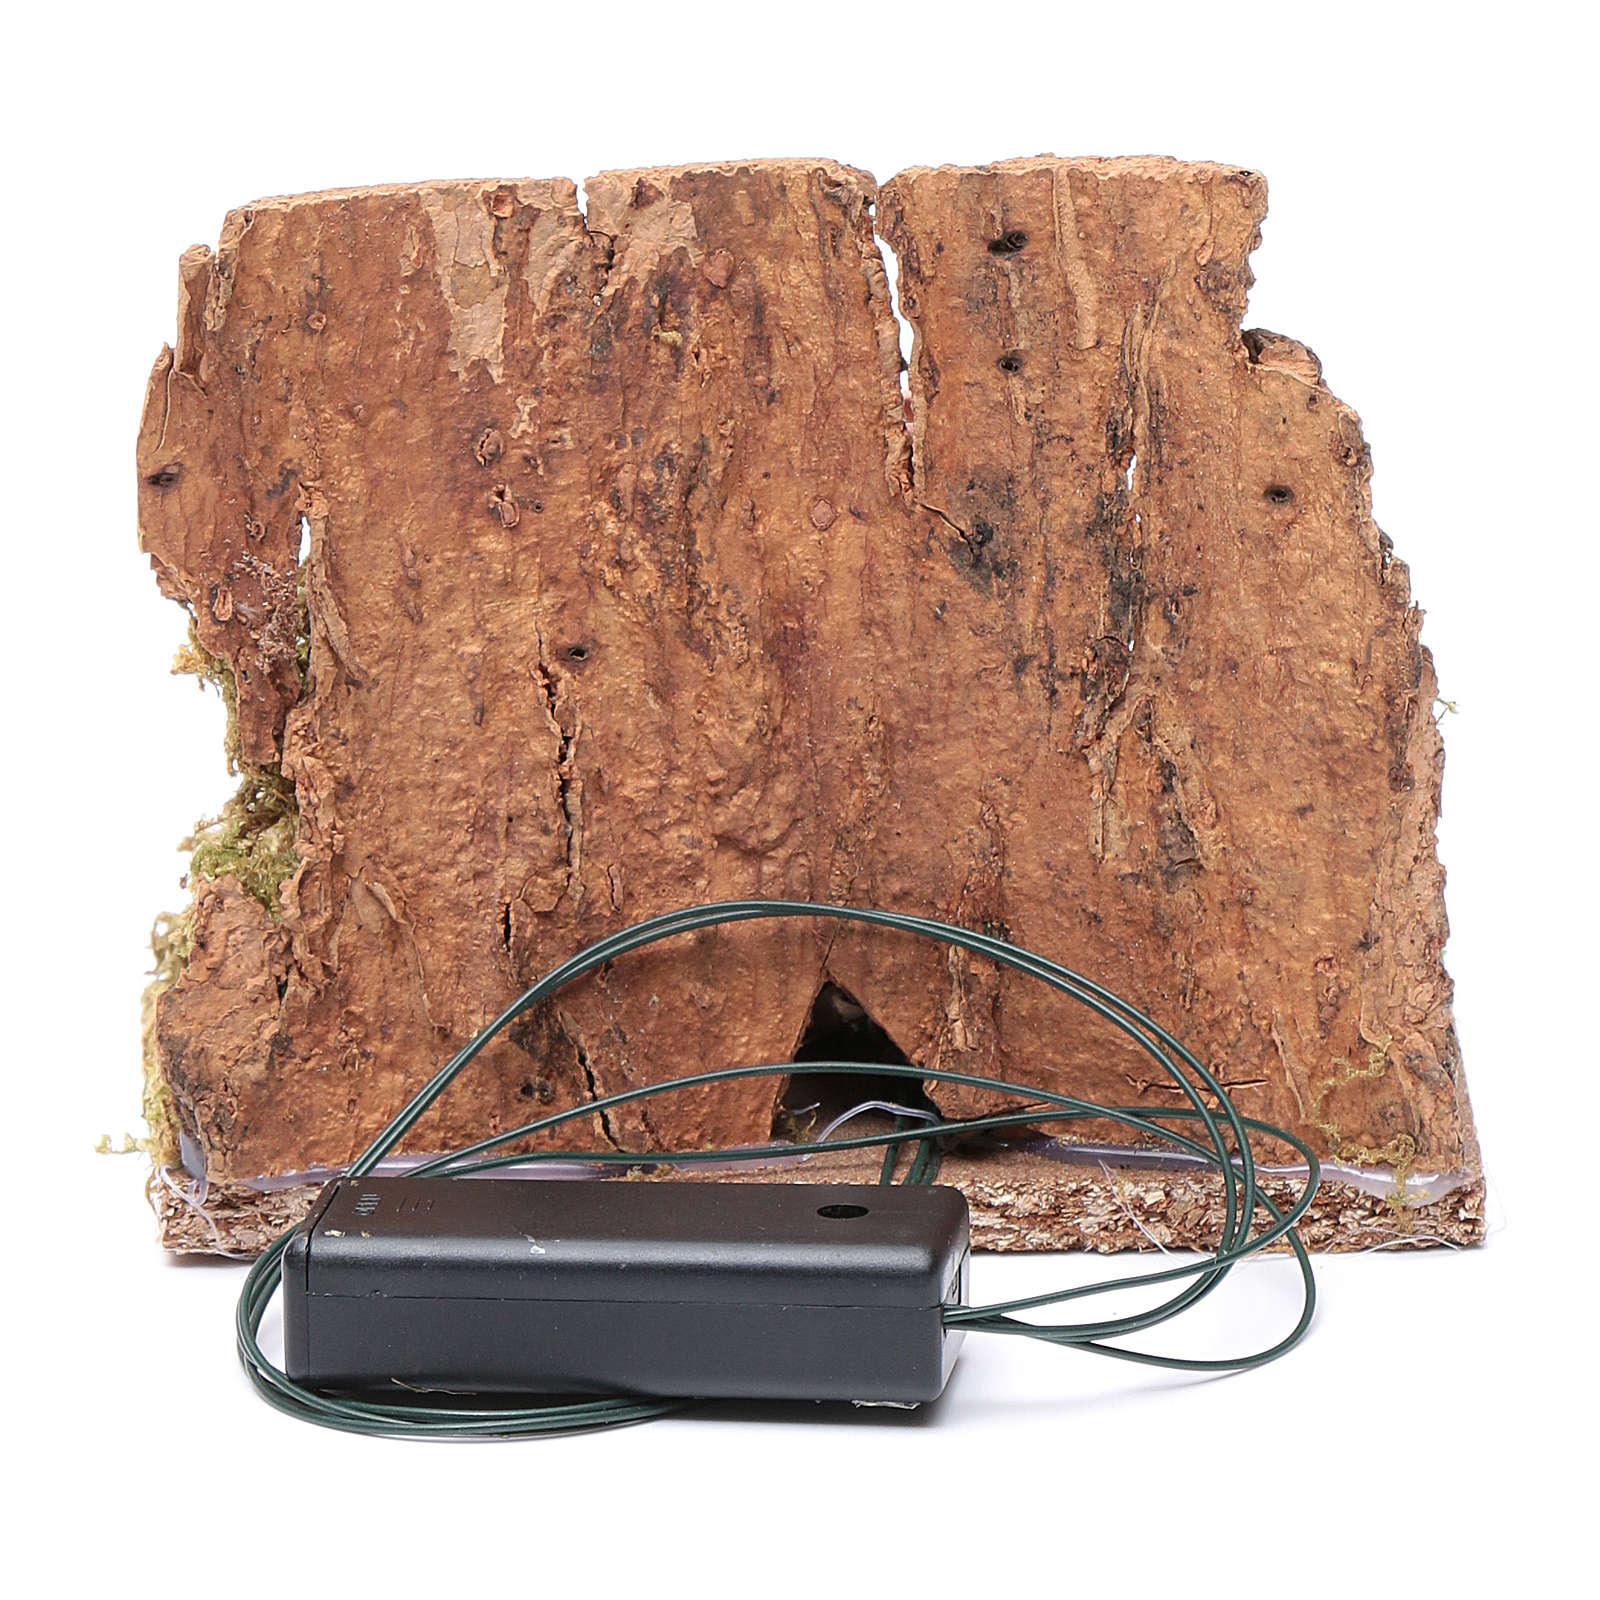 Ambientazione brocca su fuoco tremolante led 10x10x10 cm presepe 4